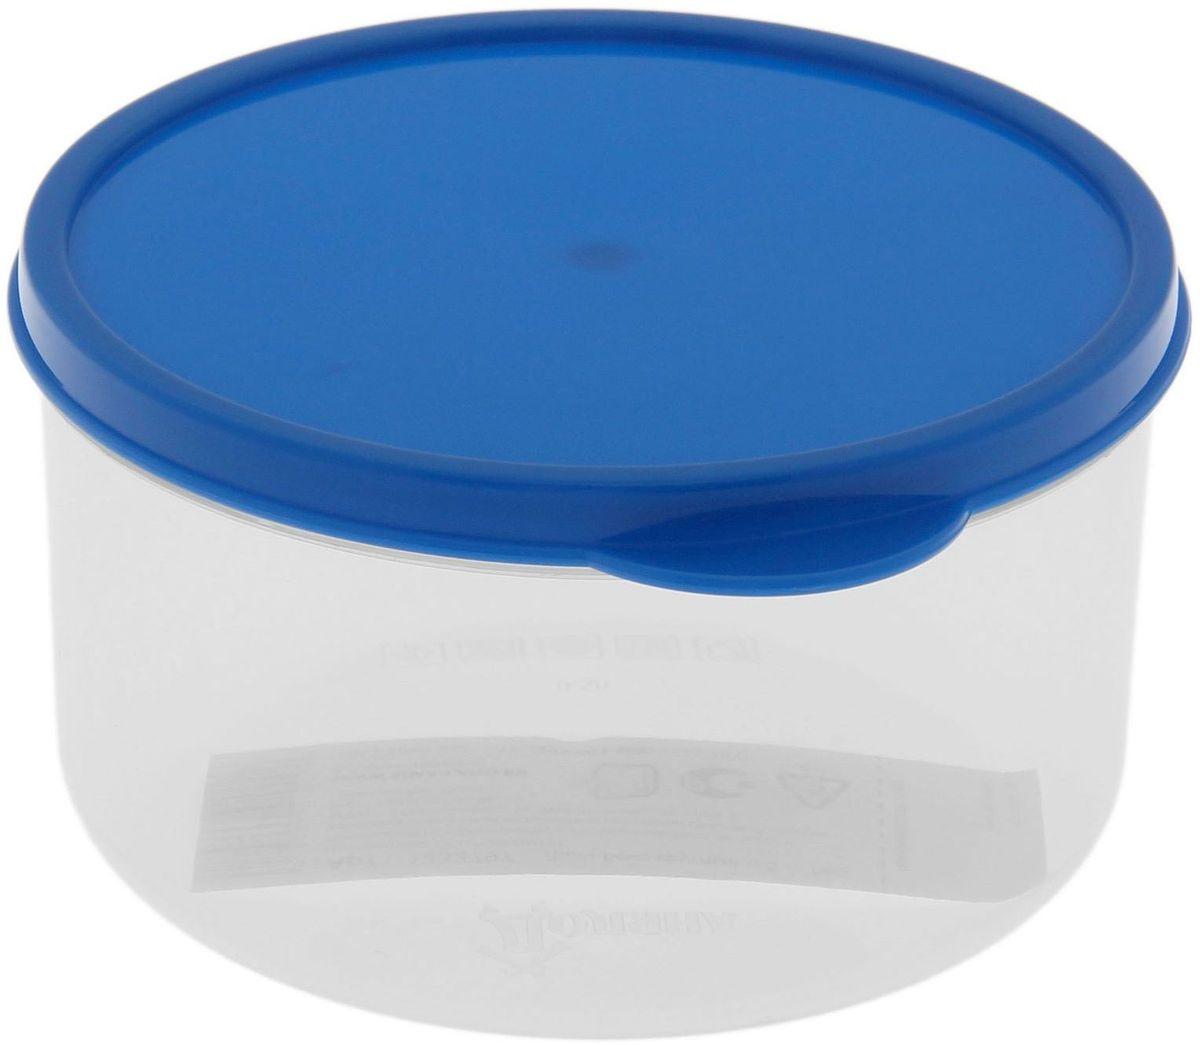 Контейнер пищевой Доляна, круглый, цвет: синий, 500 млVT-1520(SR)Если после вкусного обеда осталась еда, а насладиться трапезой хочется и на следующий день, ланч-бокс станет отличным решением данной проблемы!Такой контейнер является незаменимым предметом кухонной утвари, ведь у него много преимуществ:Простота ухода. Ланч-бокс достаточно промыть тёплой водой с небольшим количеством чистящего средства, и он снова готов к использованию.Вместительность. Большой выбор форм и объёма поможет разместить разнообразные продукты от сахара до супов.Эргономичность. Ланч-боксы очень легко хранить даже в самой маленькой кухне, так как их можно поставить один в другой по принципу матрёшки.Многофункциональность. Разнообразие цветов и форм делает возможным использование контейнеров не только на кухне, но и в других областях домашнего быта.Любители приготовления обеда на всю семью в большинстве случаев приобретают ланч-боксы наборами, так как это позволяет рассортировать продукты по всевозможным признакам. К тому же контейнеры среднего размера станут незаменимыми помощниками на работе: ведь что может быть приятнее, чем порадовать себя во время обеда прекрасной едой, заботливо сохранённой в контейнере?В качестве материала для изготовления используется пластик, что делает процесс ухода за контейнером ещё более эффективным. К каждому ланч-боксу в комплекте также прилагается крышка подходящего размера, это позволяет плотно и надёжно удерживать запах еды и упрощает процесс транспортировки.Однако рекомендуется соблюдать и меры предосторожности: не использовать пластиковые контейнеры в духовых шкафах и на открытом огне, а также не разогревать в микроволновых печах при закрытой крышке ланч-бокса. Соблюдение мер безопасности позволит продлить срок эксплуатации и сохранить отличный внешний вид изделия.Эргономичный дизайн и многофункциональность таких контейнеров — вот, что является причиной большой популярности данного предмета у каждой хозяйки. А в преддверии лета и дачного сезона такое приобр